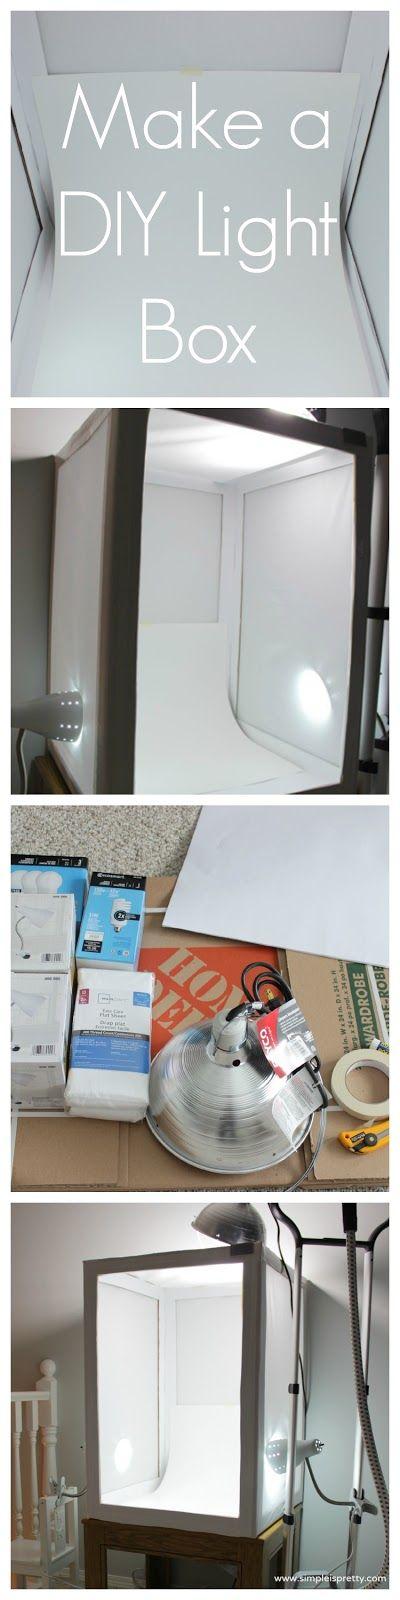 make a diy light box or light tent fotokram. Black Bedroom Furniture Sets. Home Design Ideas